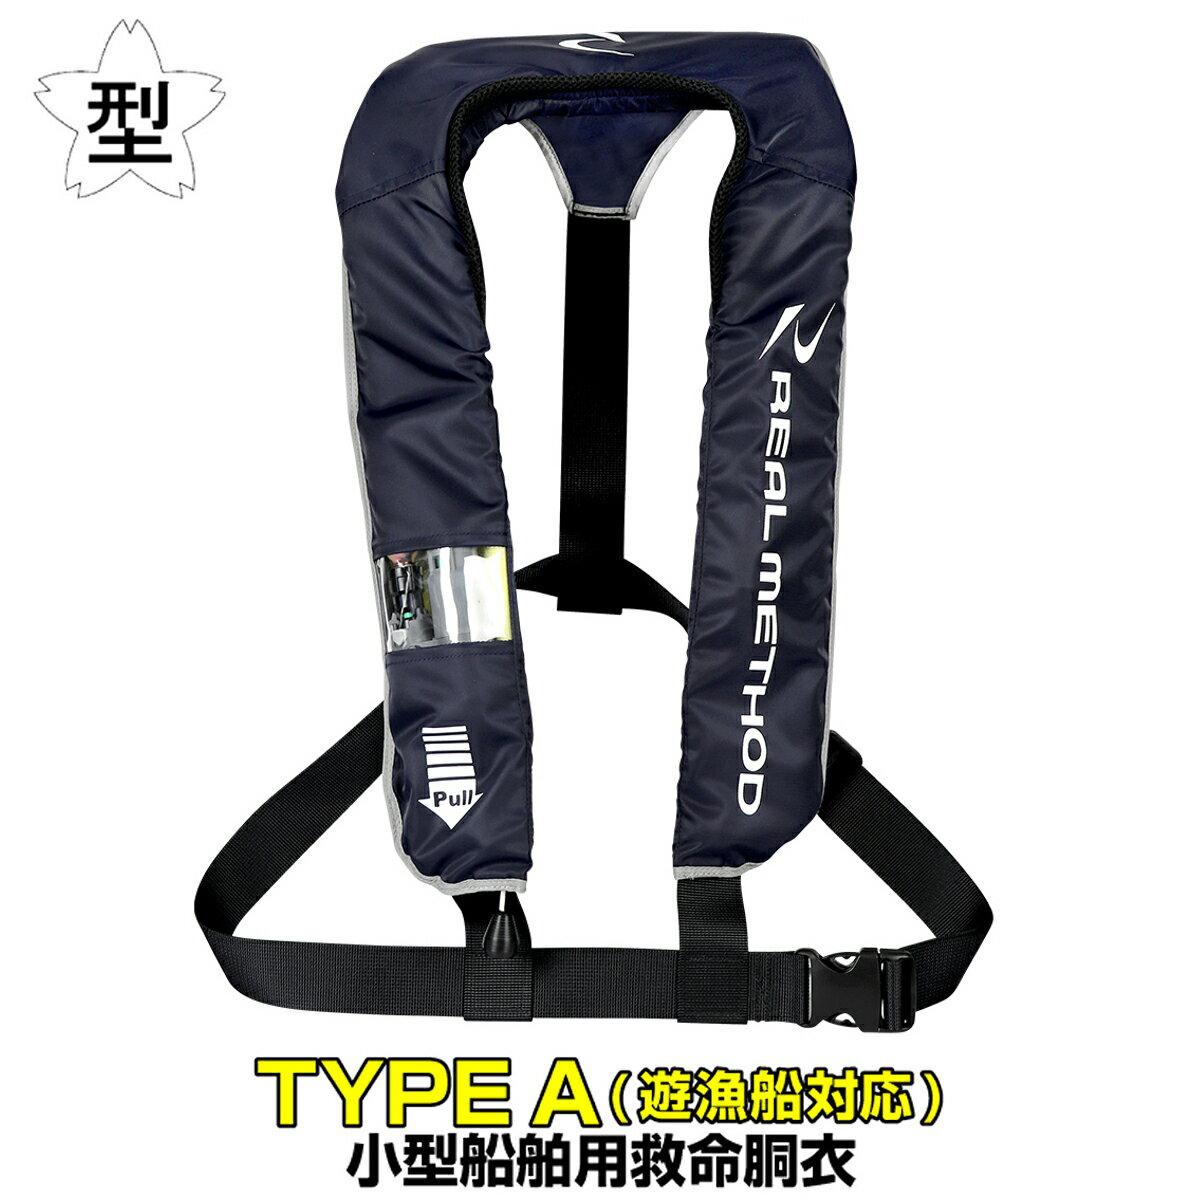 タカミヤ REALMETHOD 自動/手動式兼用 膨脹式ライフジャケット ショルダータイプ BJ-2700型 ネイビー ※遊漁船対応【送料無料】